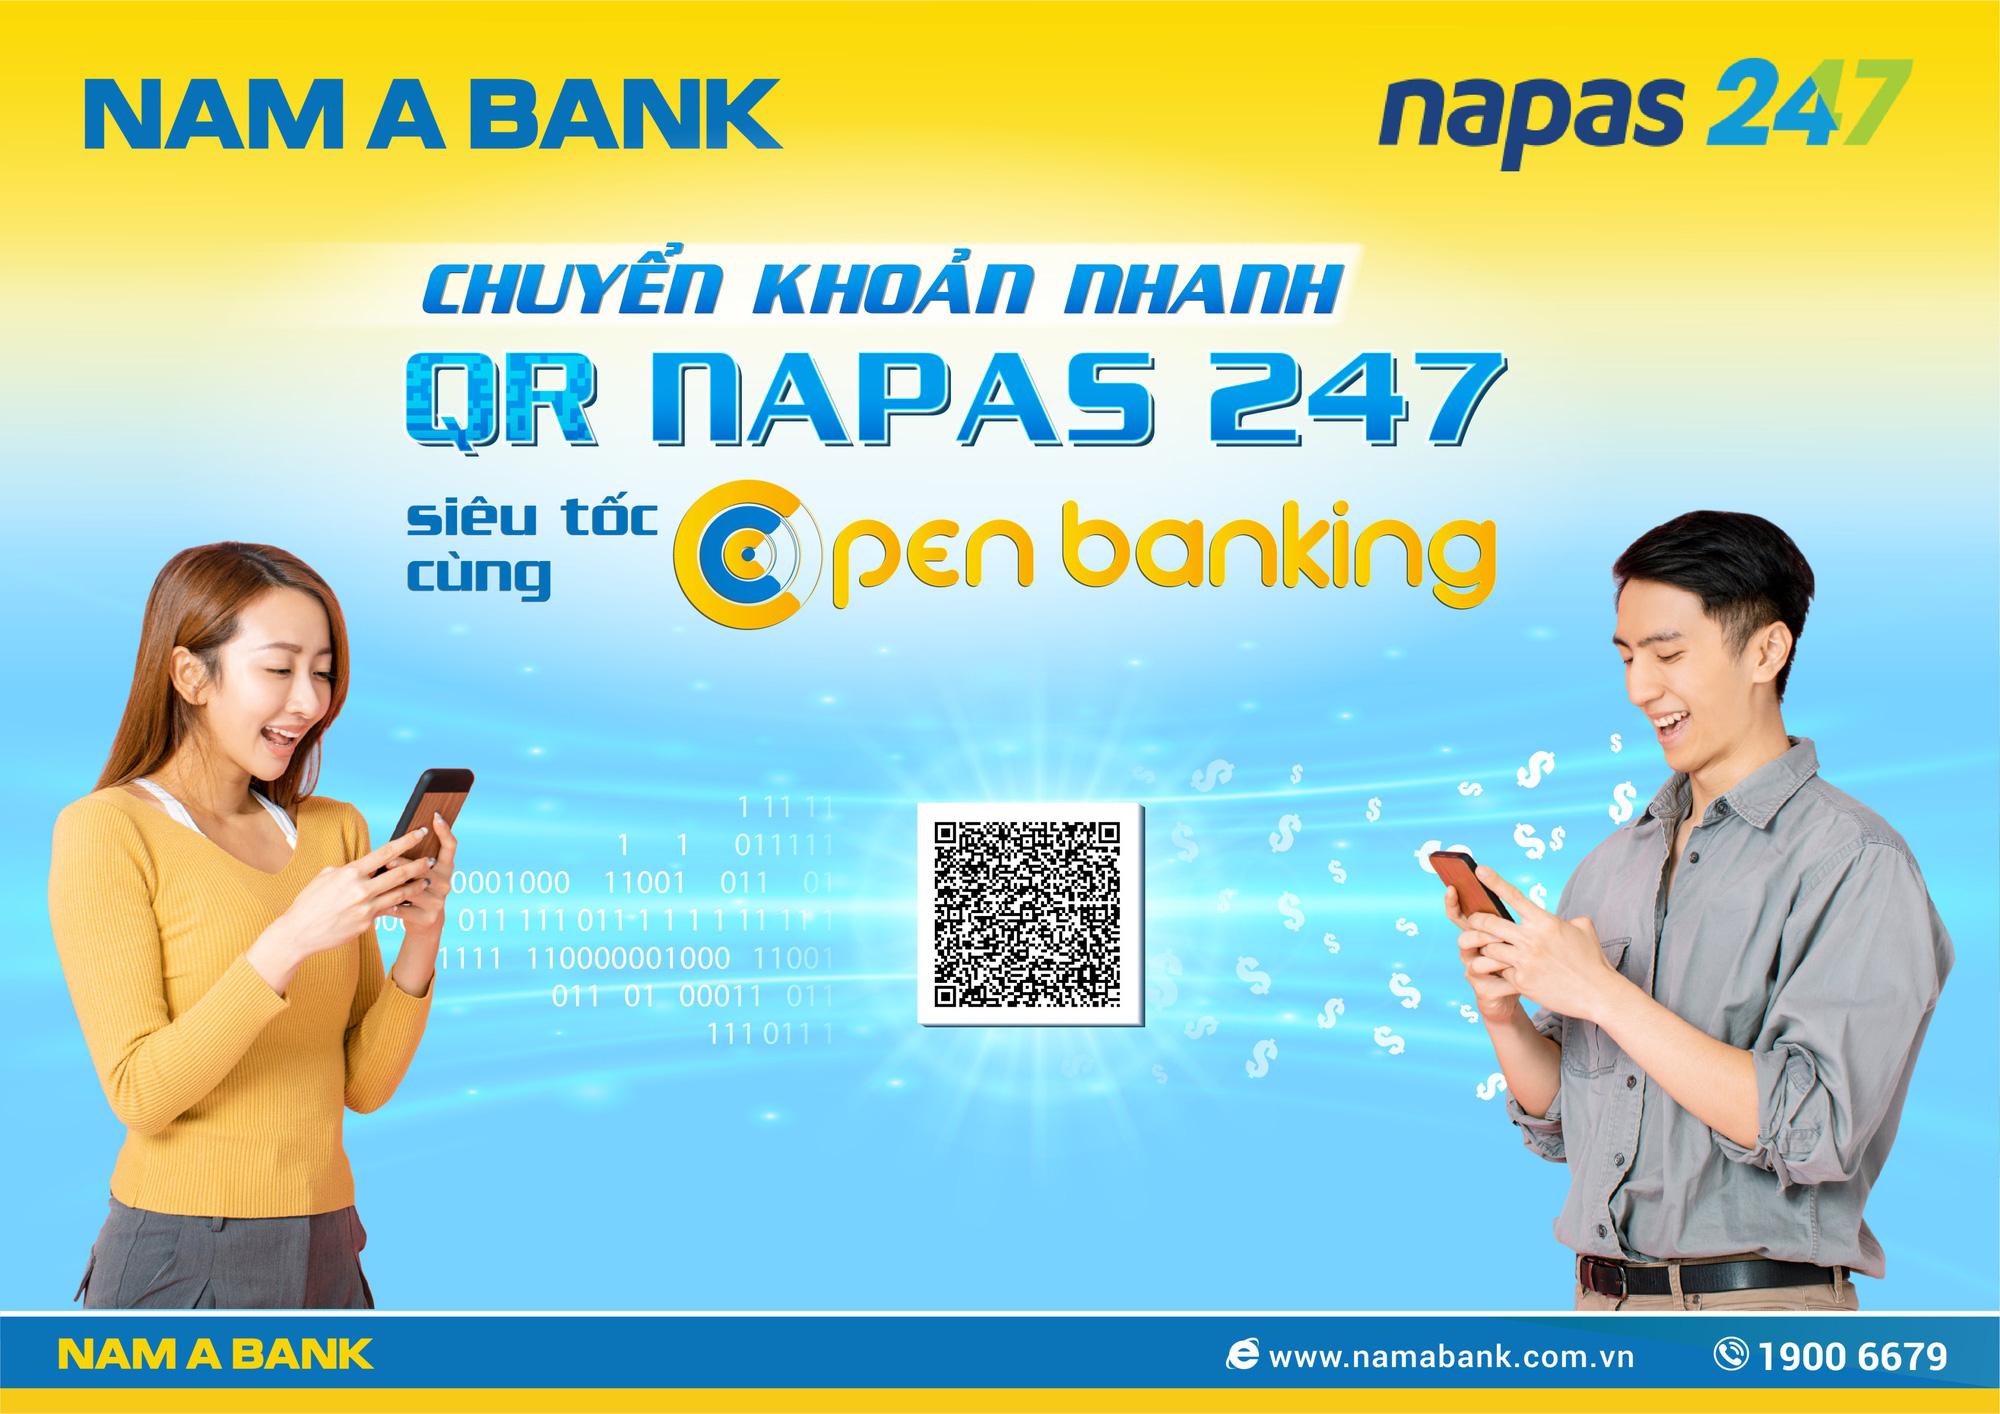 Nam A Bank - top ngân hàng Việt đầu tiên chuyển khoản nhanh NAPAS 247 bằng mã QR - Ảnh 2.